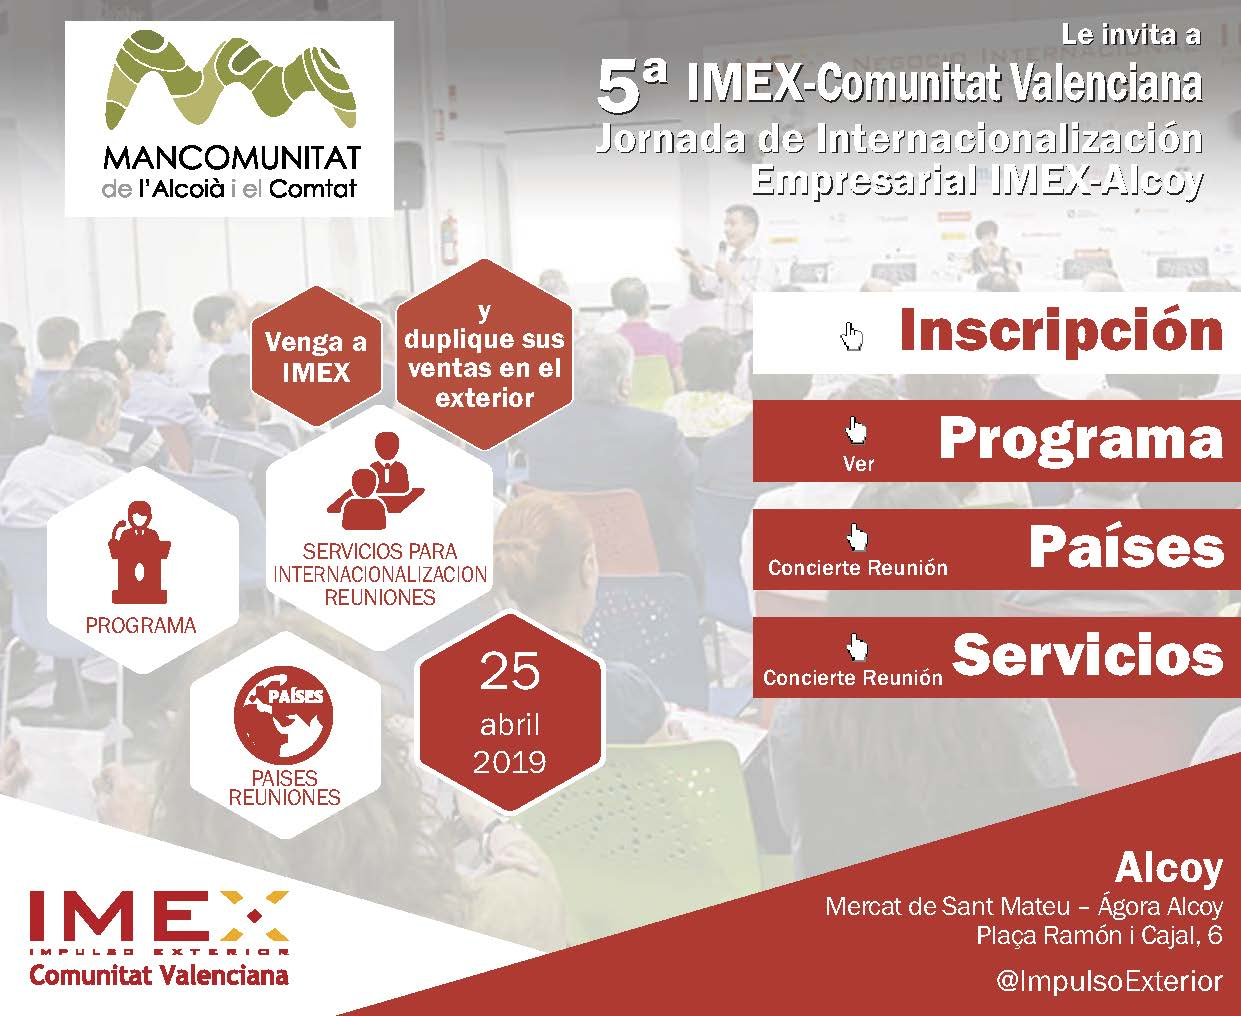 Invitación Jornada IMEX-Alcoy- Mancomunitat de l'Alcoià i el Comtat